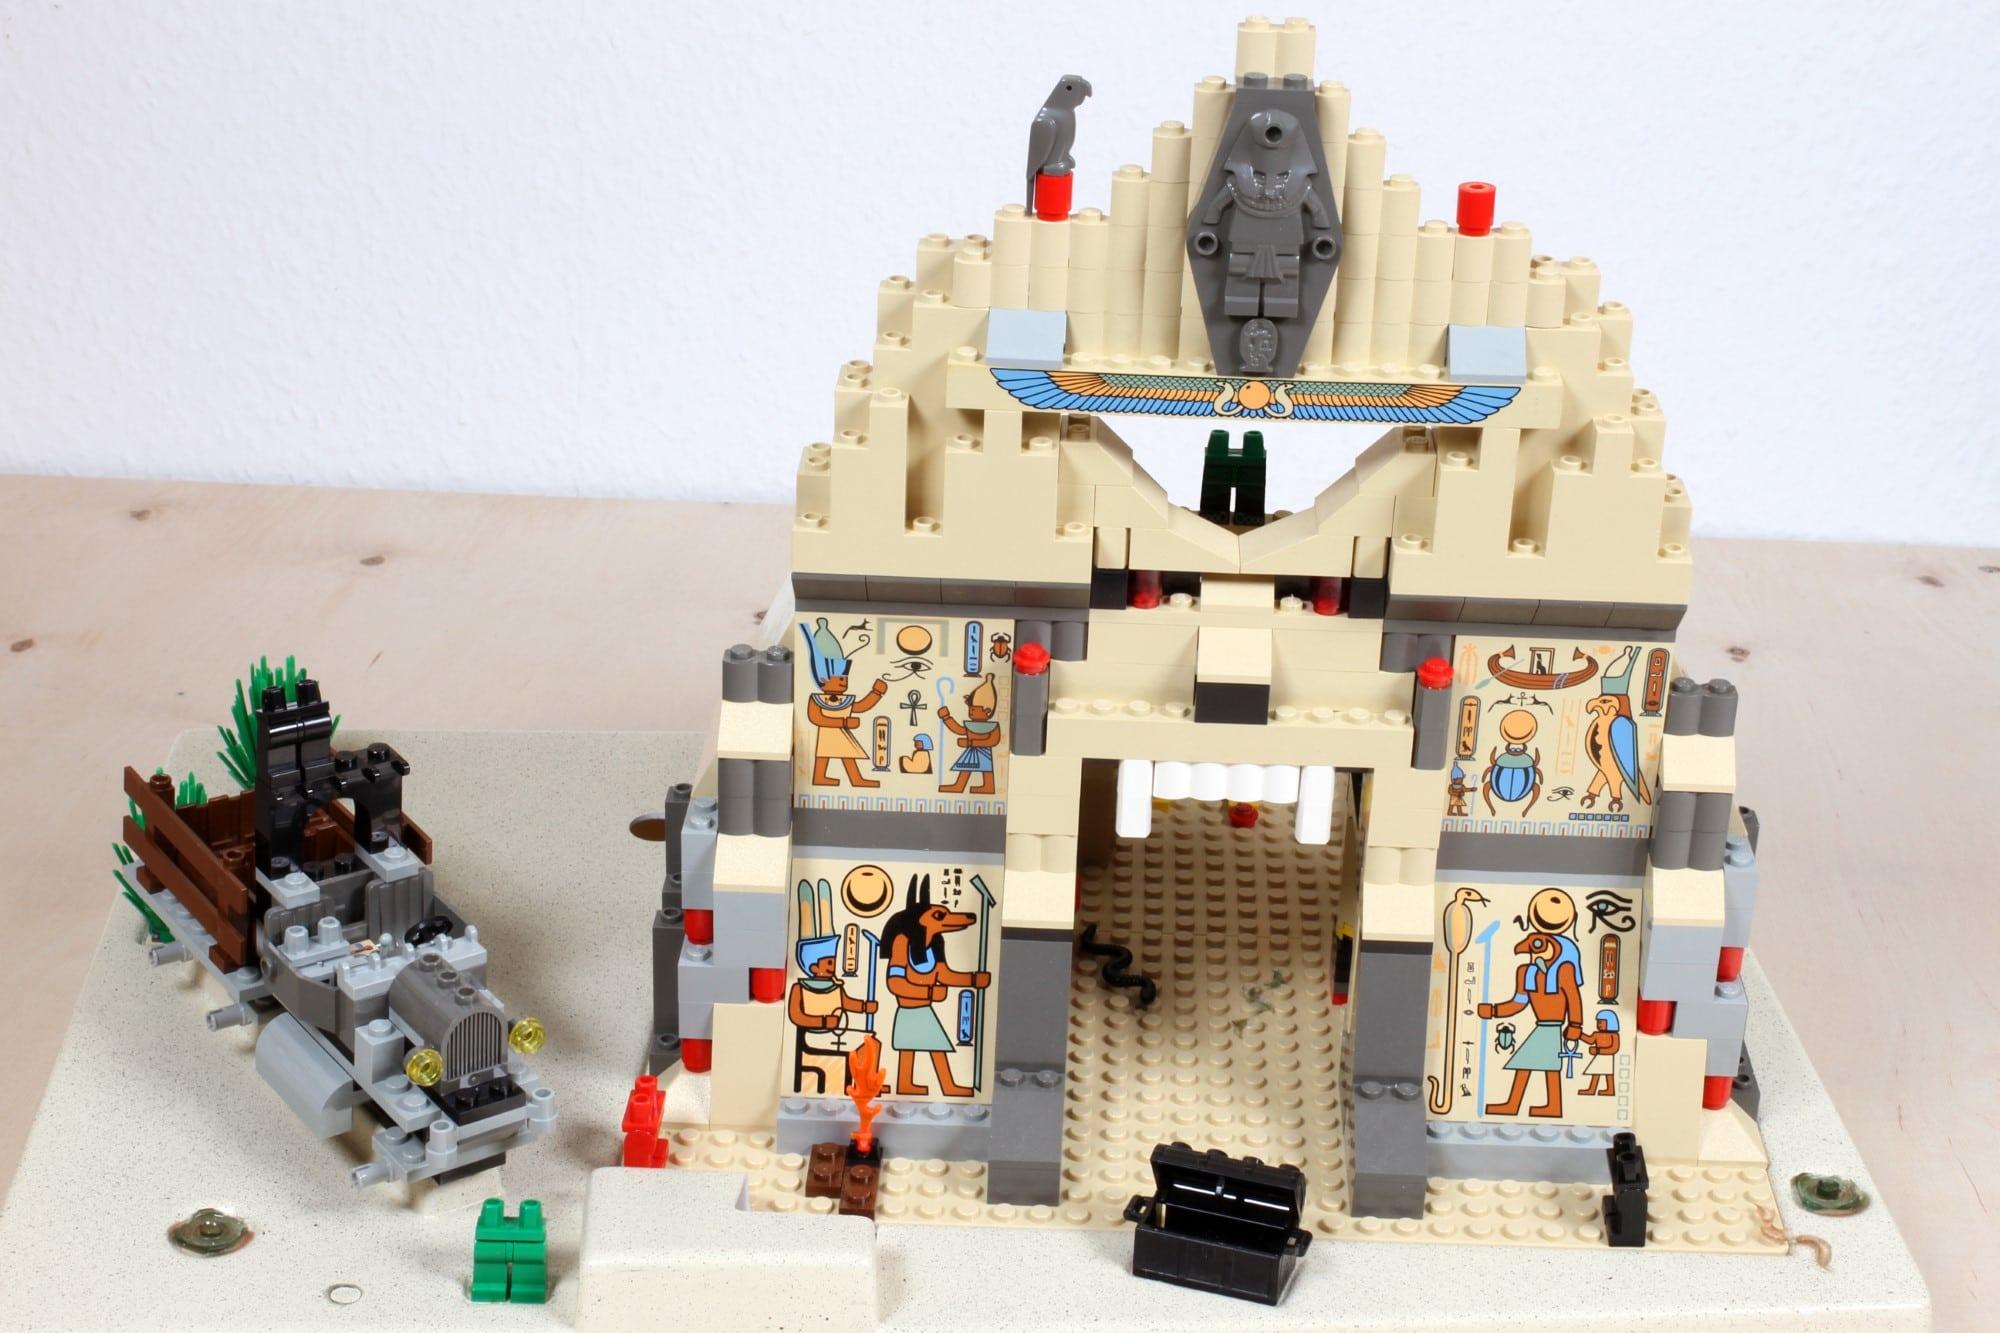 LEGO Adventurers Display Istzustand Vor Restaurierung